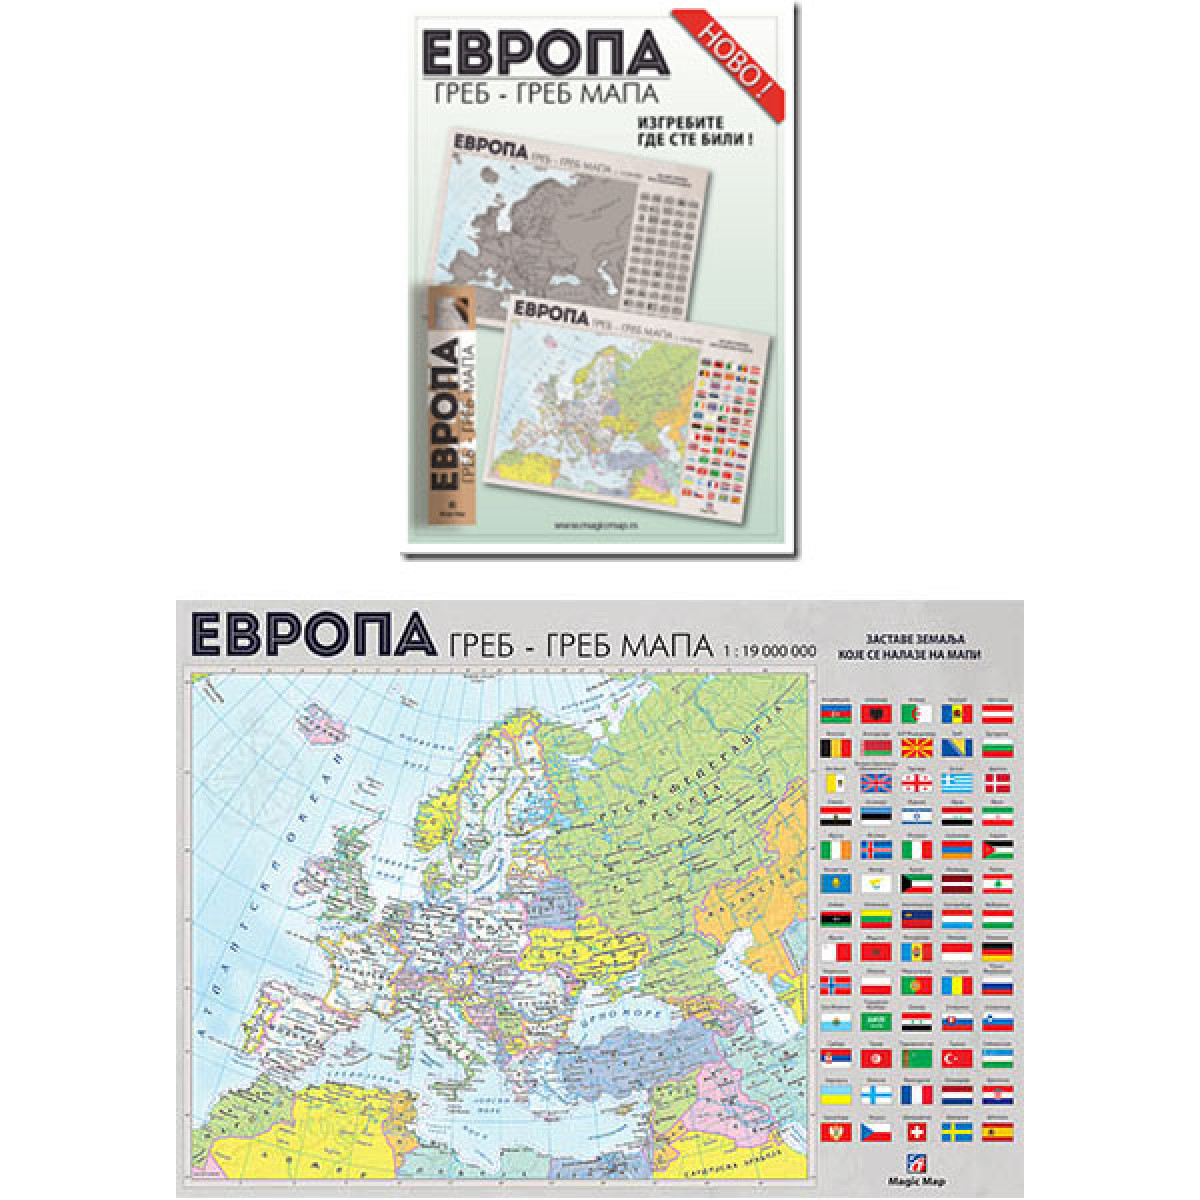 Evropa Greb Greb Mapa Slobodan Radovanovic Knjizare Vulkan